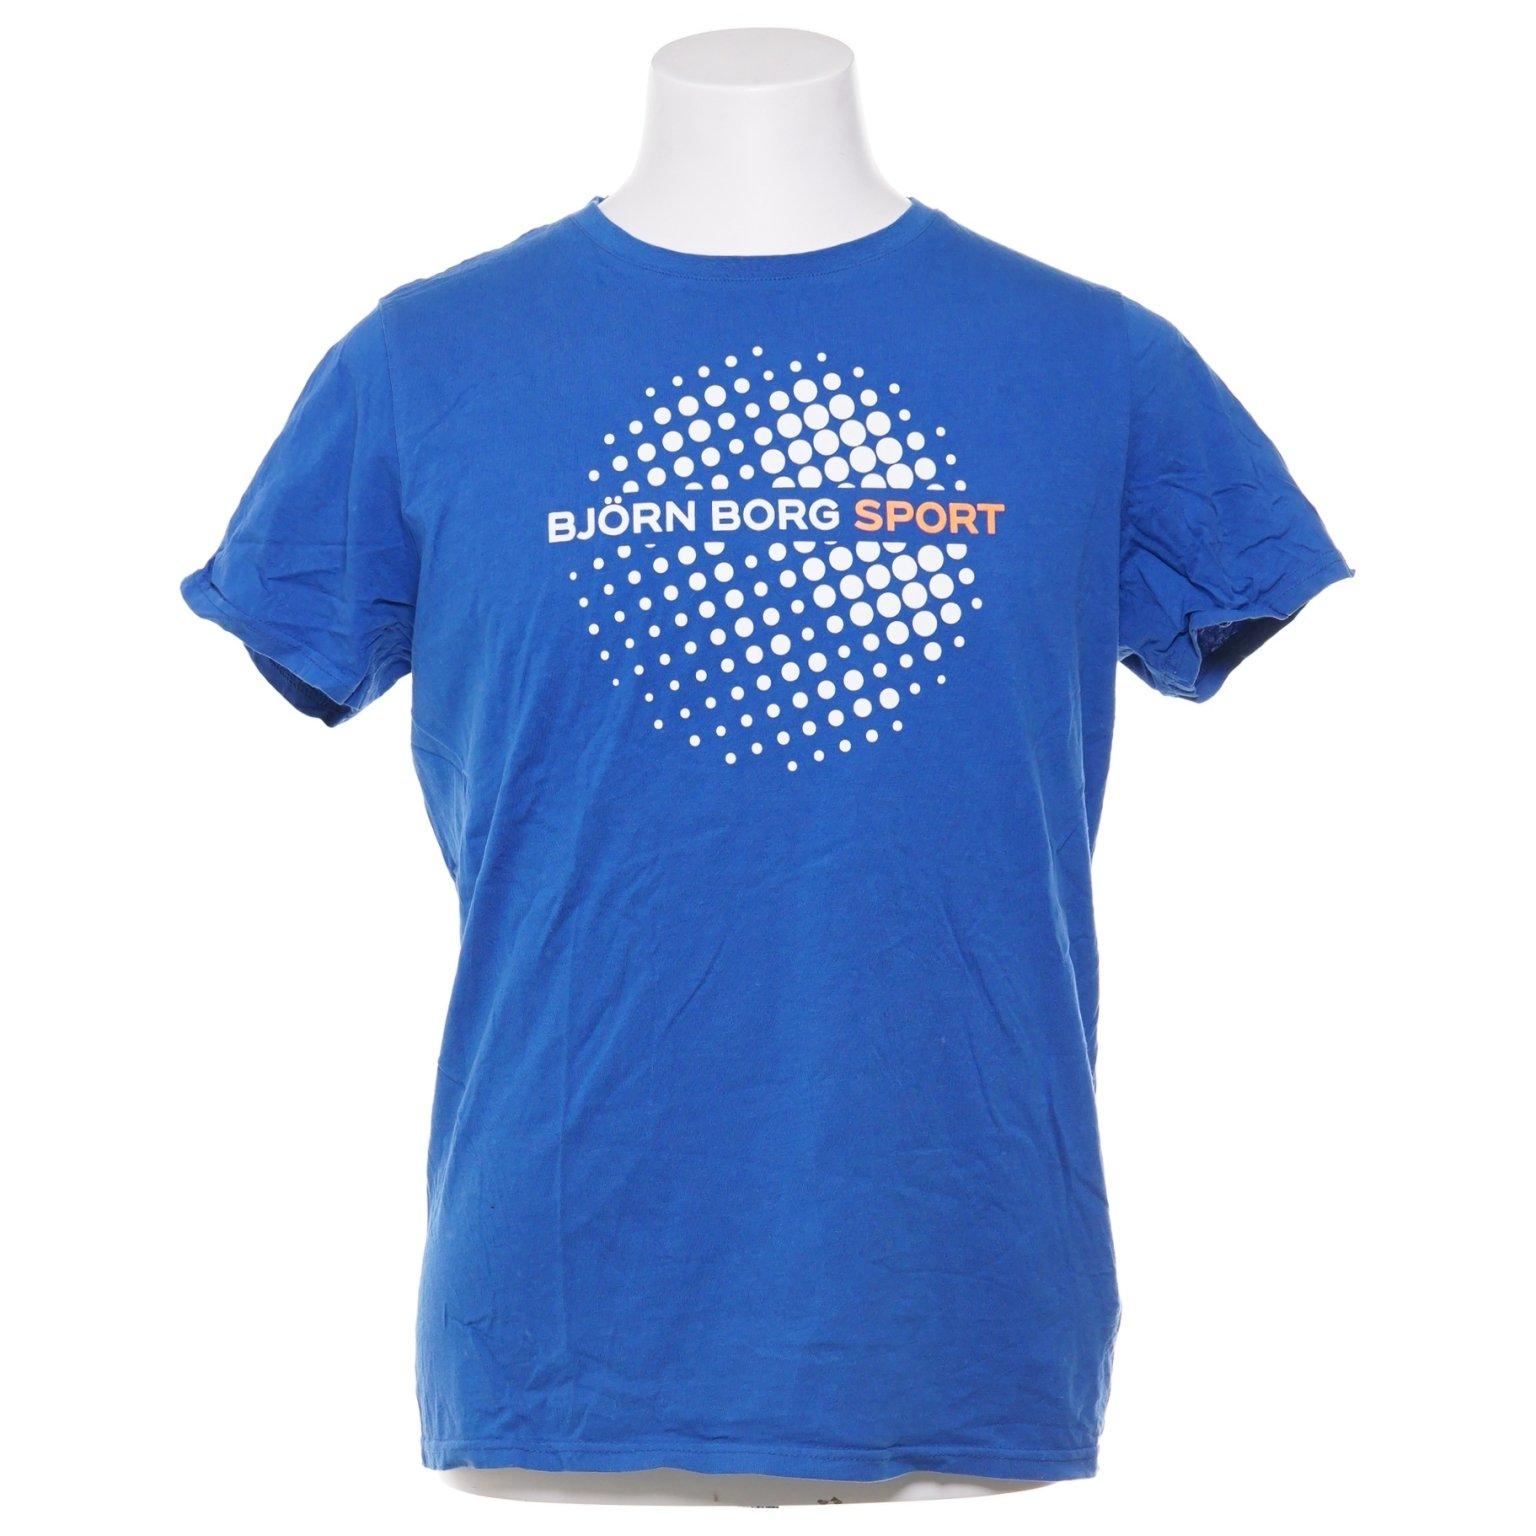 aa07b281e8d Björn Borg, T-shirt, Strl: L, Blå (347204698) ᐈ Sellpy på Tradera